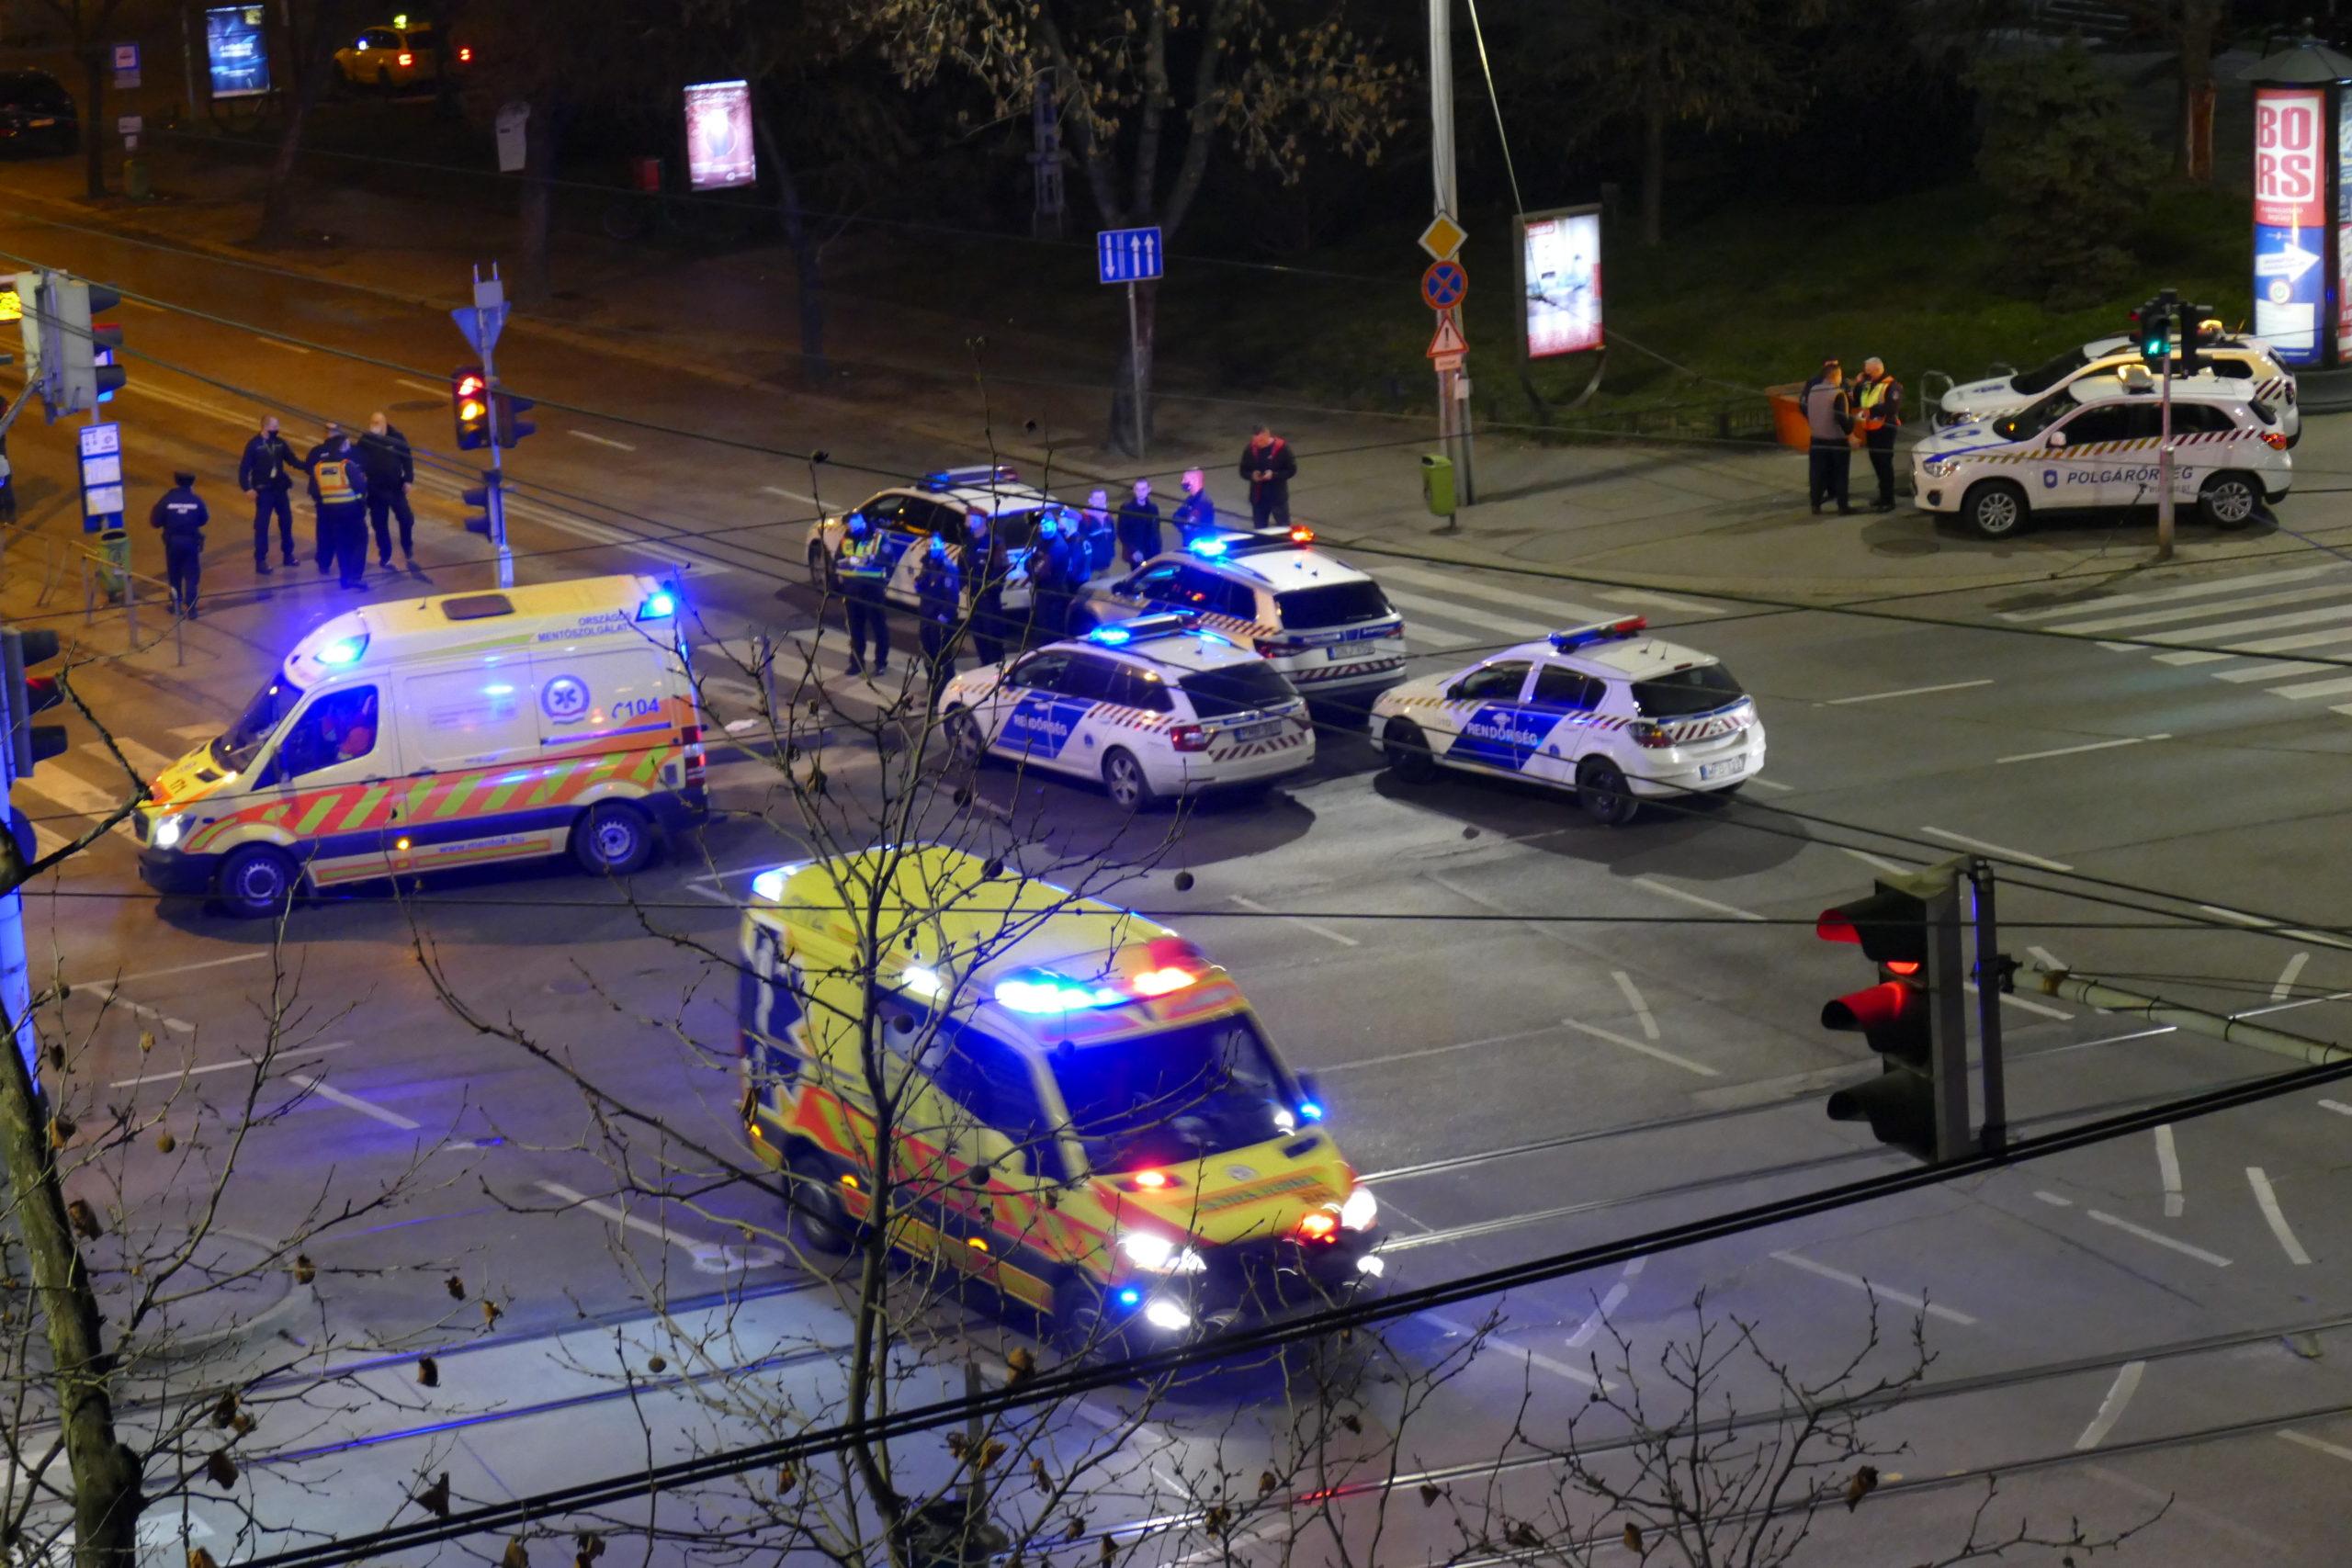 Budapesti buszos késelés: az eset a Hungária körút és a Thököly út sarkánál történt.